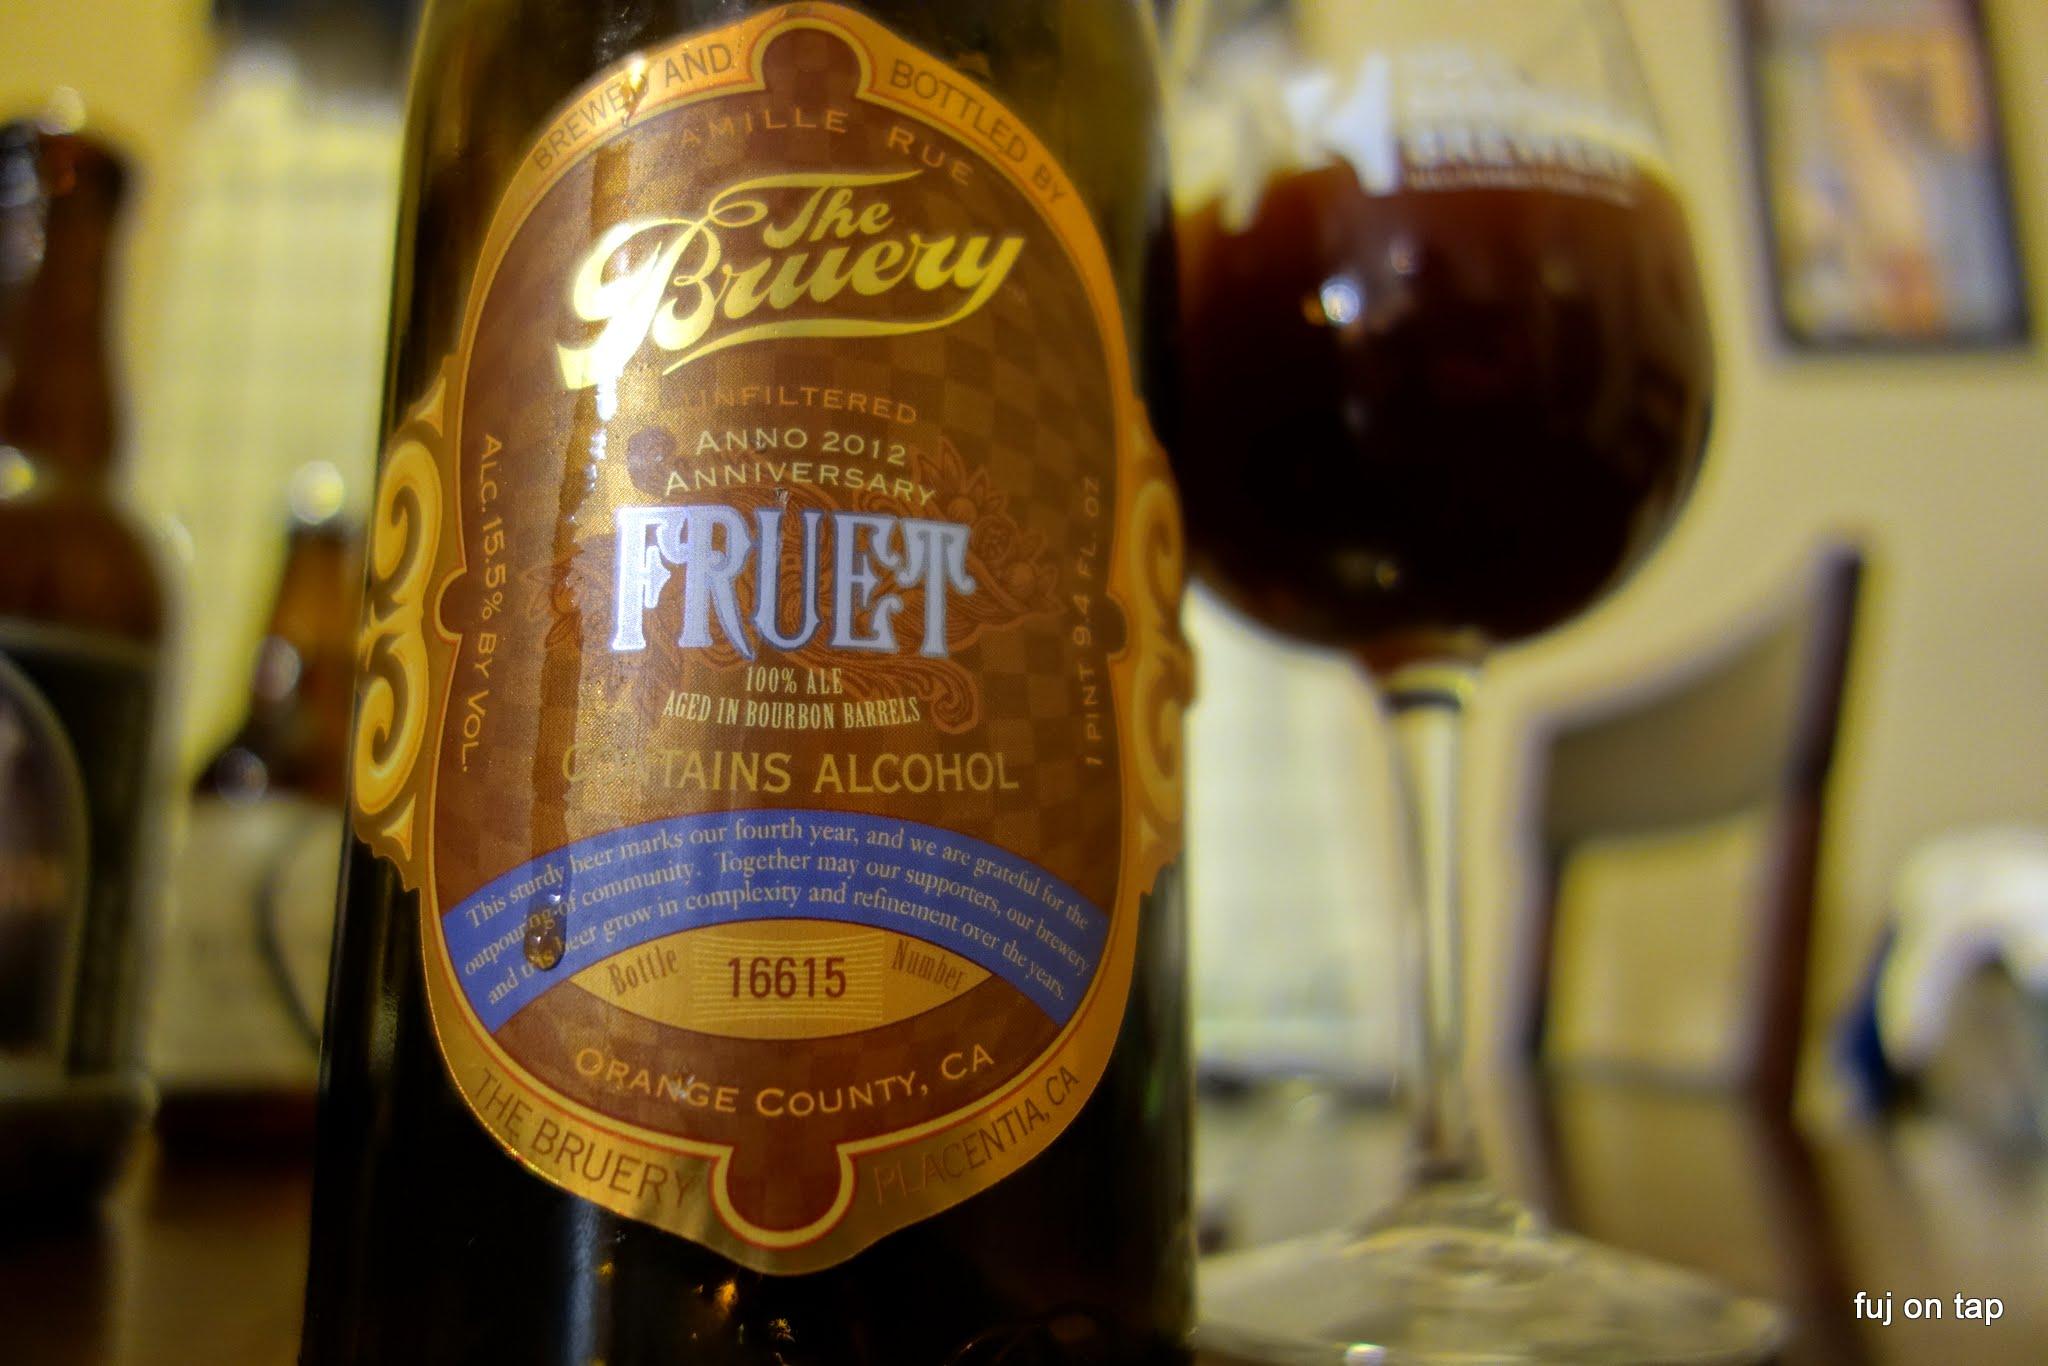 The Bruery Fruet